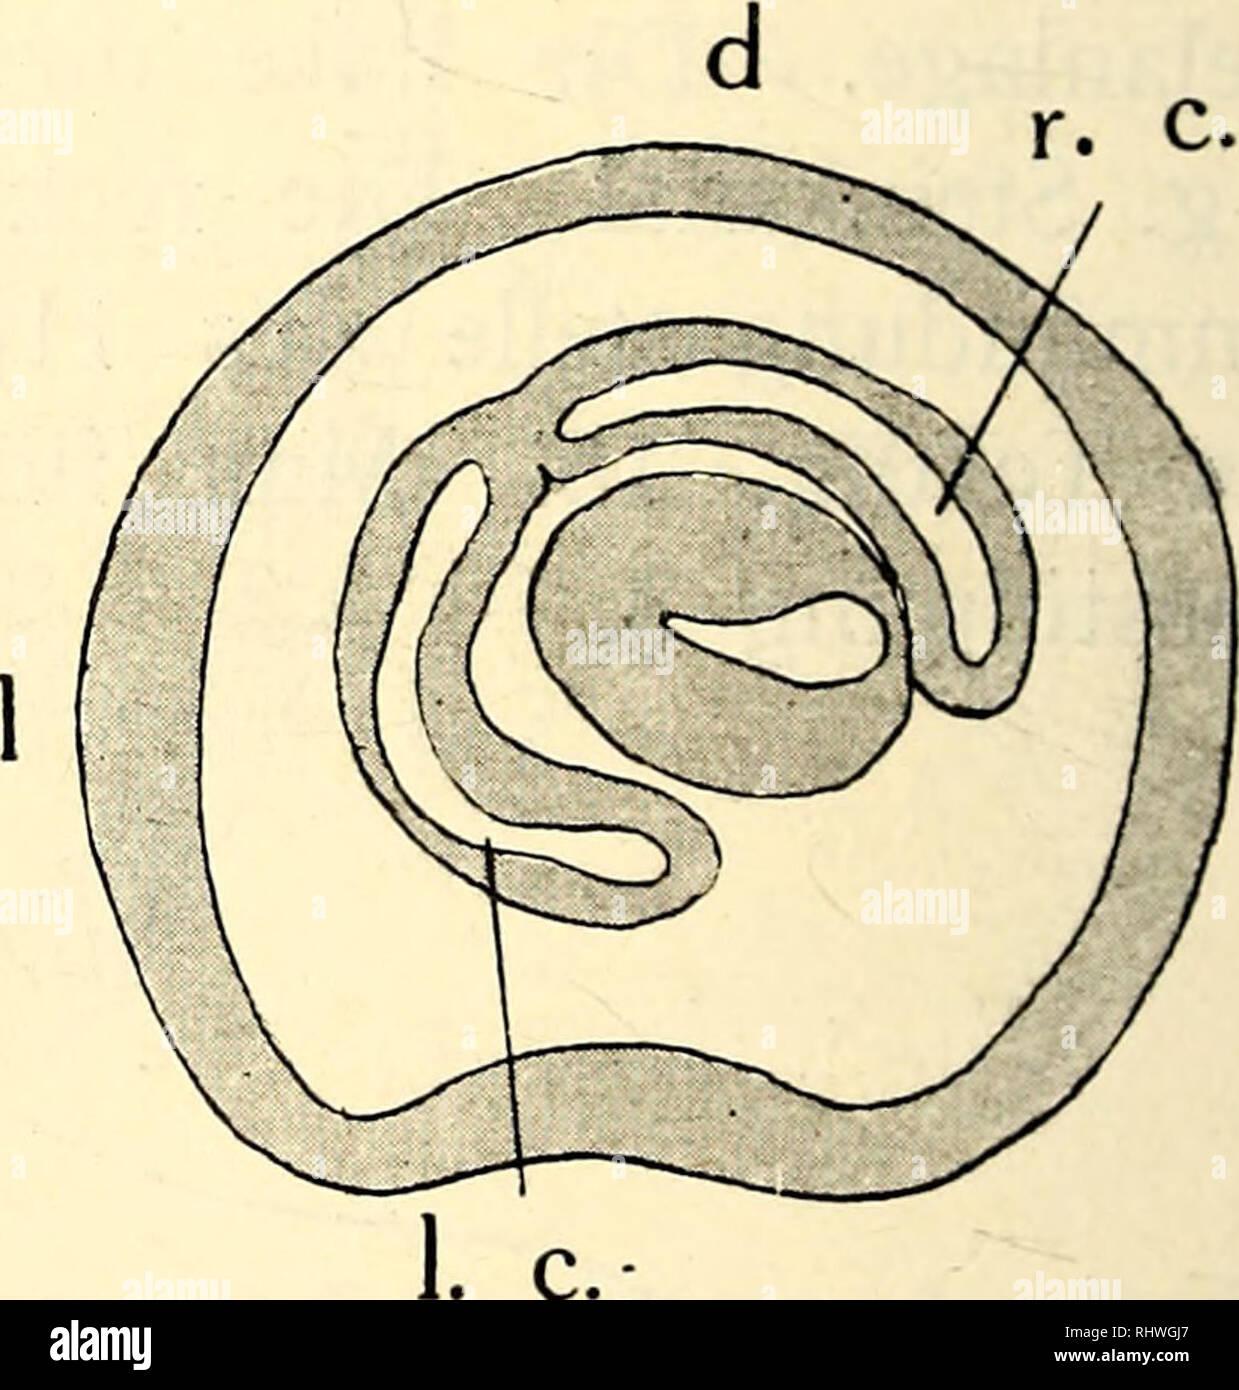 . Bergens Museums aarbok. Science; Natural history. v. v. Textfig. 17 c. Textfig. 17 d. Querschnitte durch eine Larve von dem Stadium der Fig. 37—38, Taf. VI um die Ausbildung des Coloms in dem hinteren Teile der Larve zu zeigen. Aus der Textfig. 16 und 18 a geht auch hervor, dass das linke Colom noch an diesem Stadium mit dem Hydrocoel in Verbindung steht. Um die Colomverhåltnisse in dem hinteren Teile der Larve zu studieren, wenden wir uns zur Textfig. 17. In dem hintersten Teile finden wir linkes und rechtes Colom von einander getrennt. Dieses hat vor allem eine dorsale Lage, jenes streckt  Stock Photo